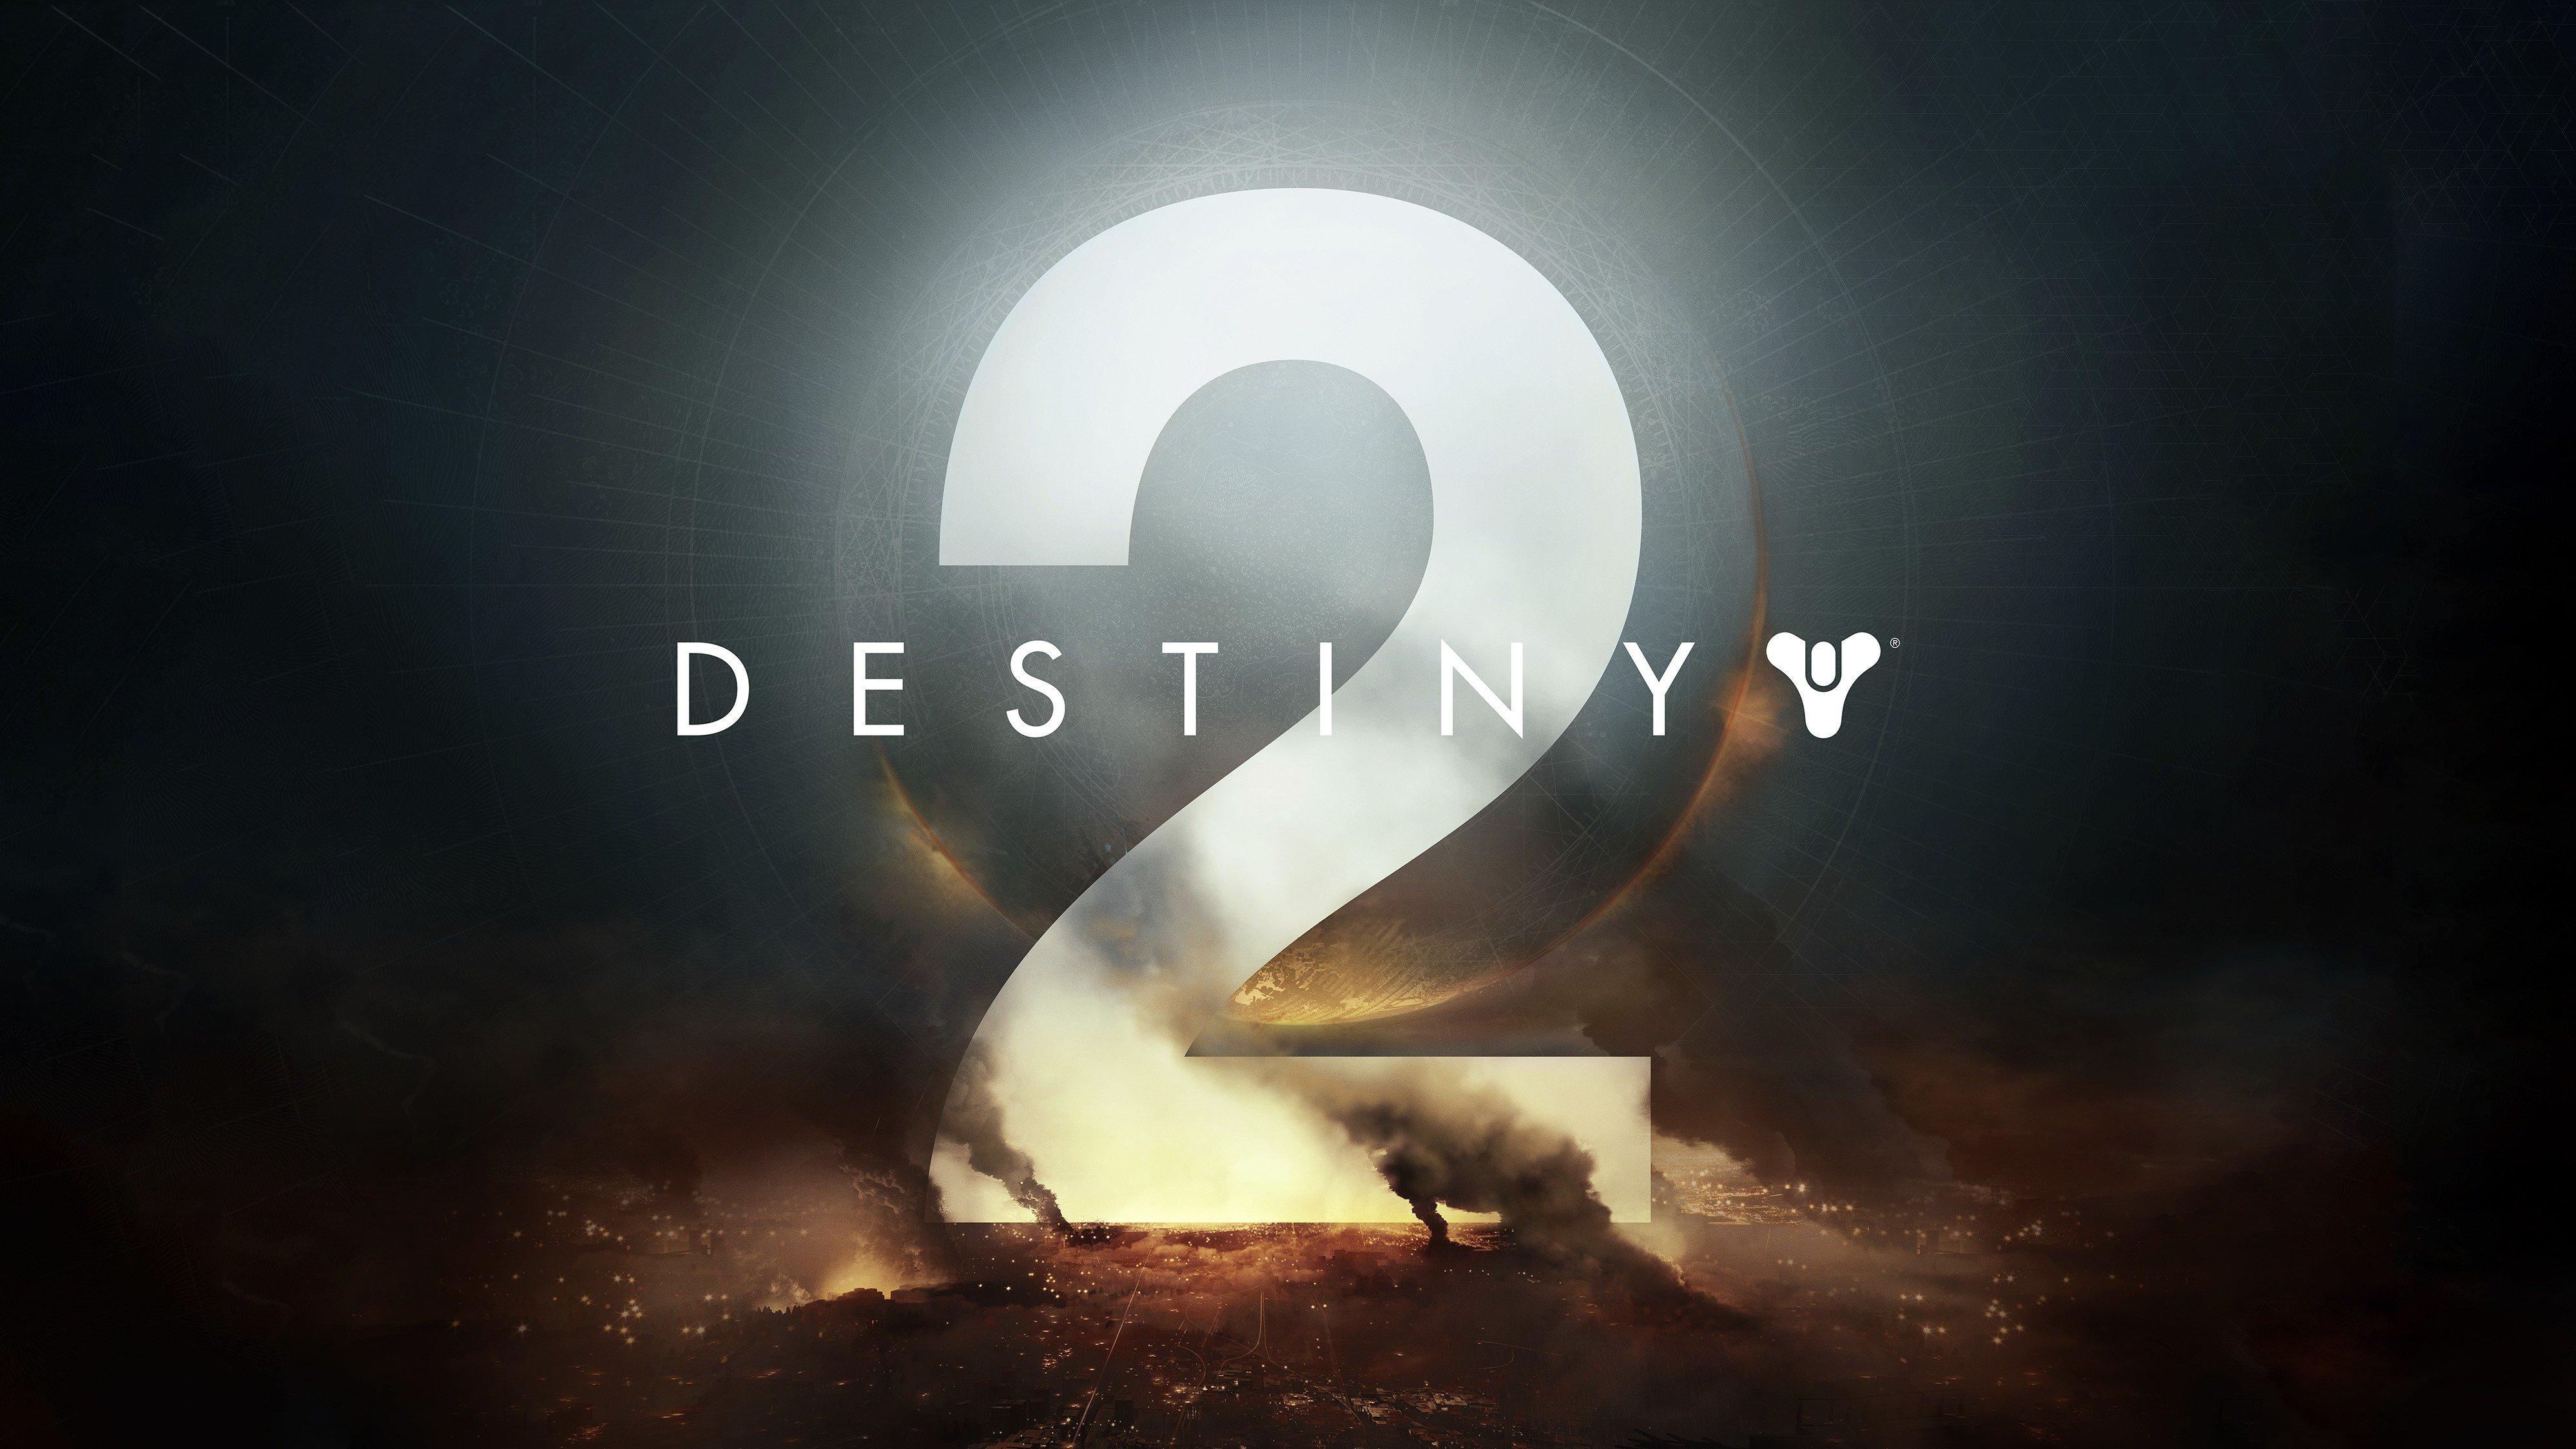 primer gameplay de Destiny 2 especial de Destiny 2